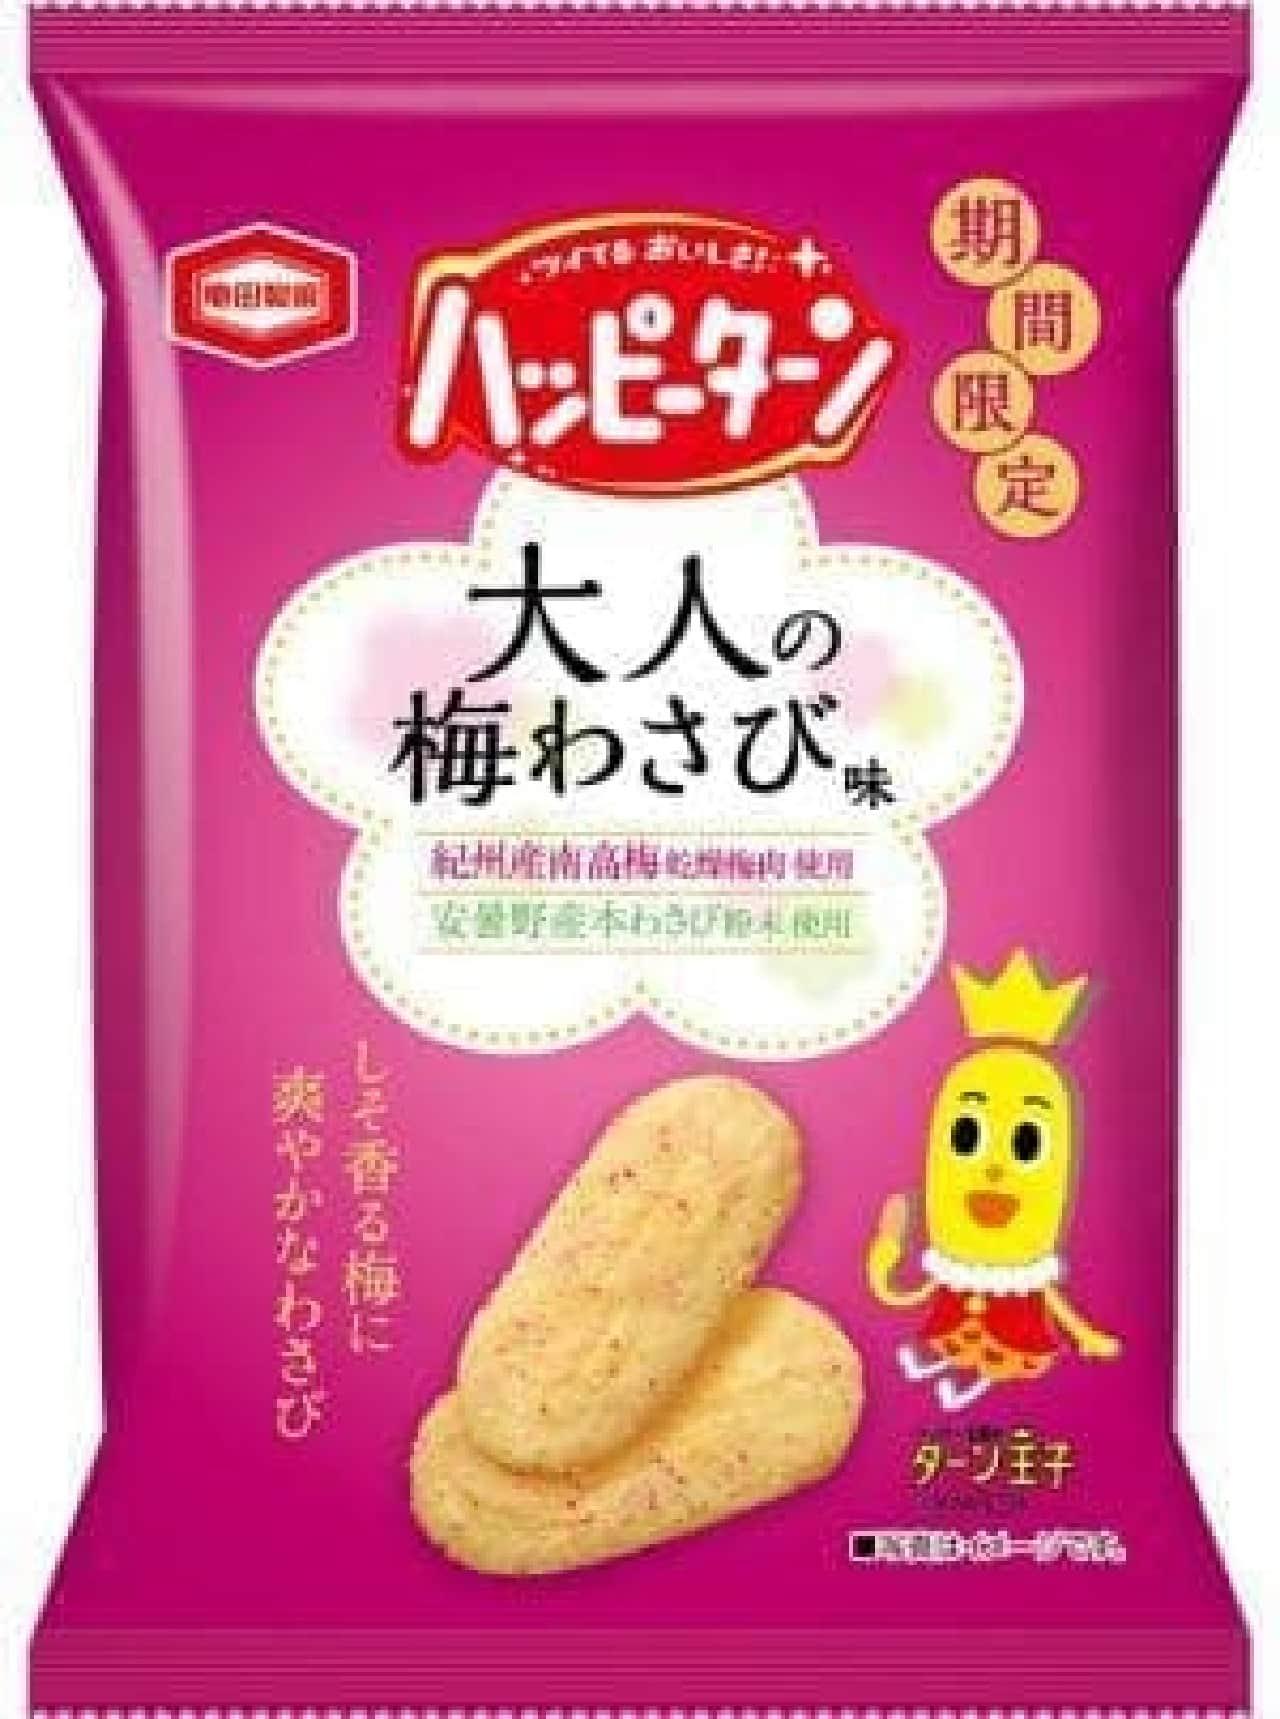 亀田製菓「ハッピーターン 大人の梅わさび味」